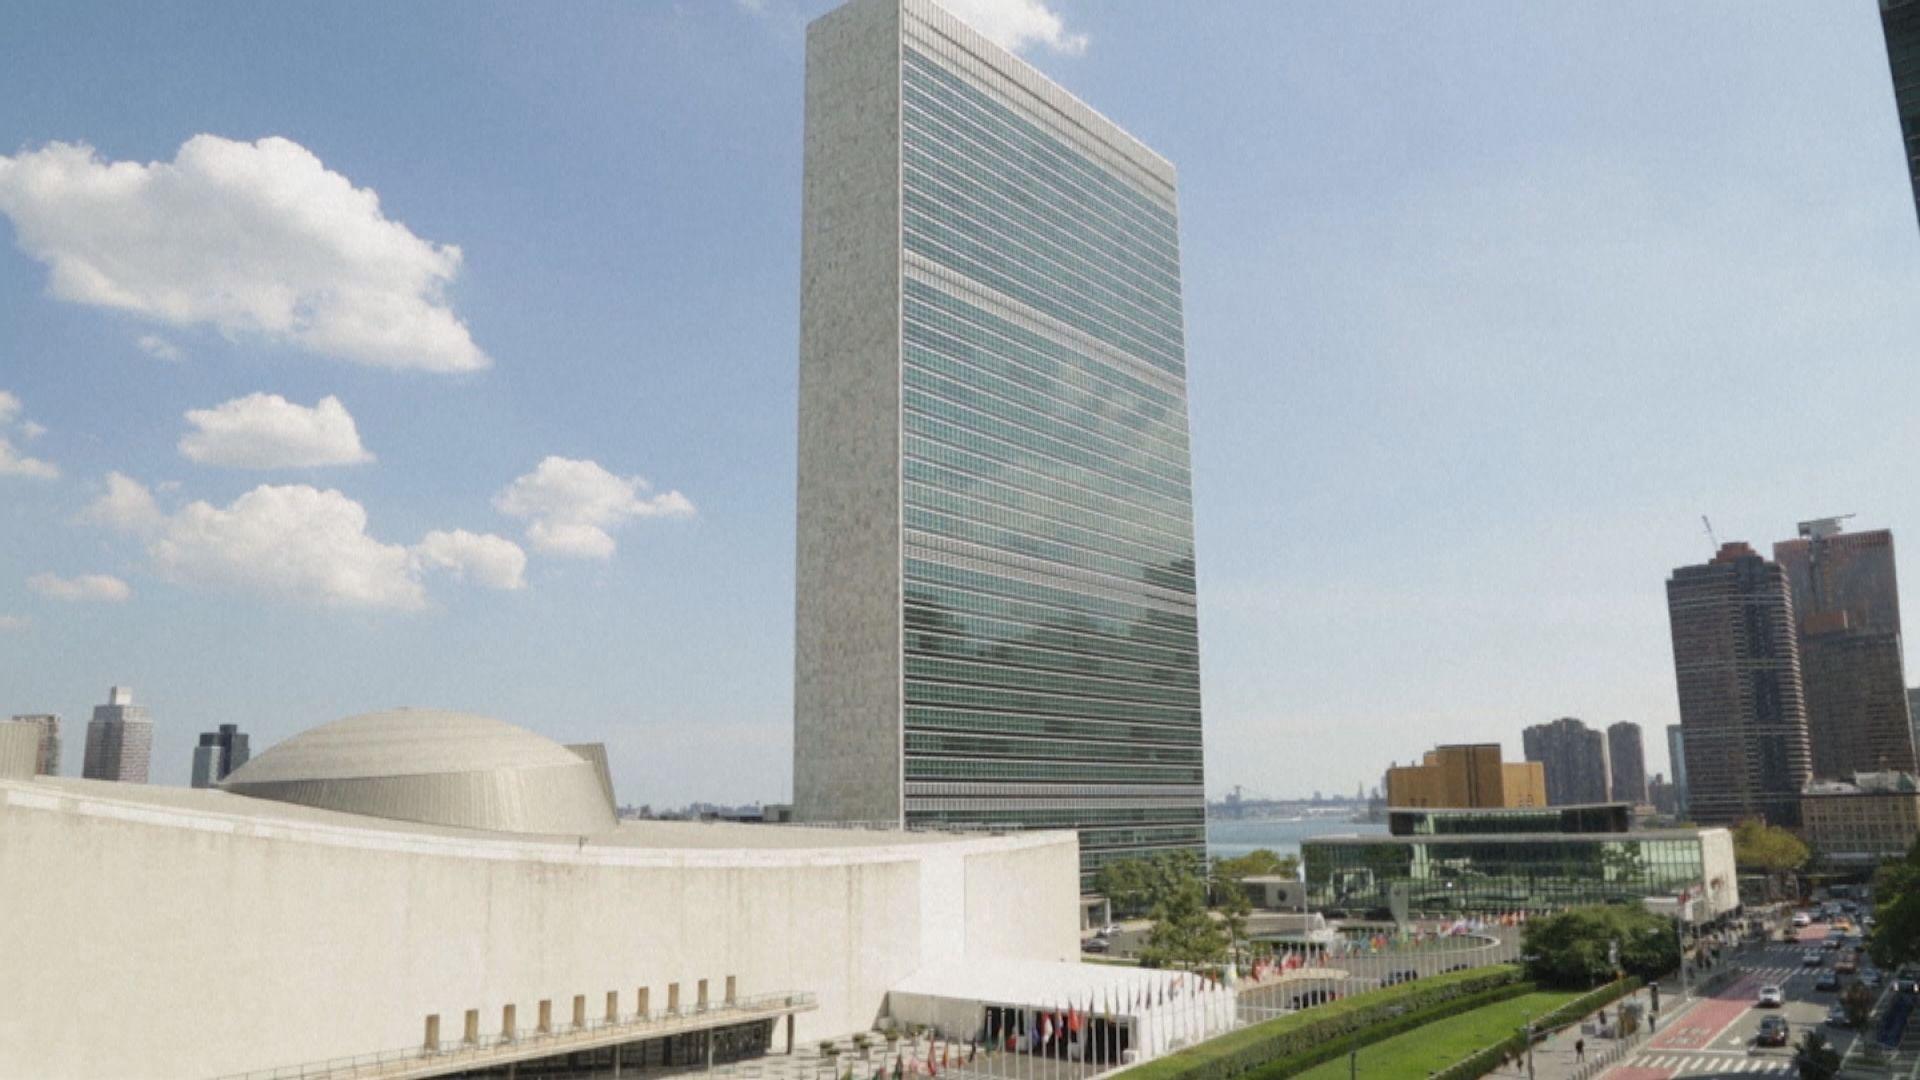 中方強烈不滿美國籲支持台灣參與聯合國 已提出嚴正交涉